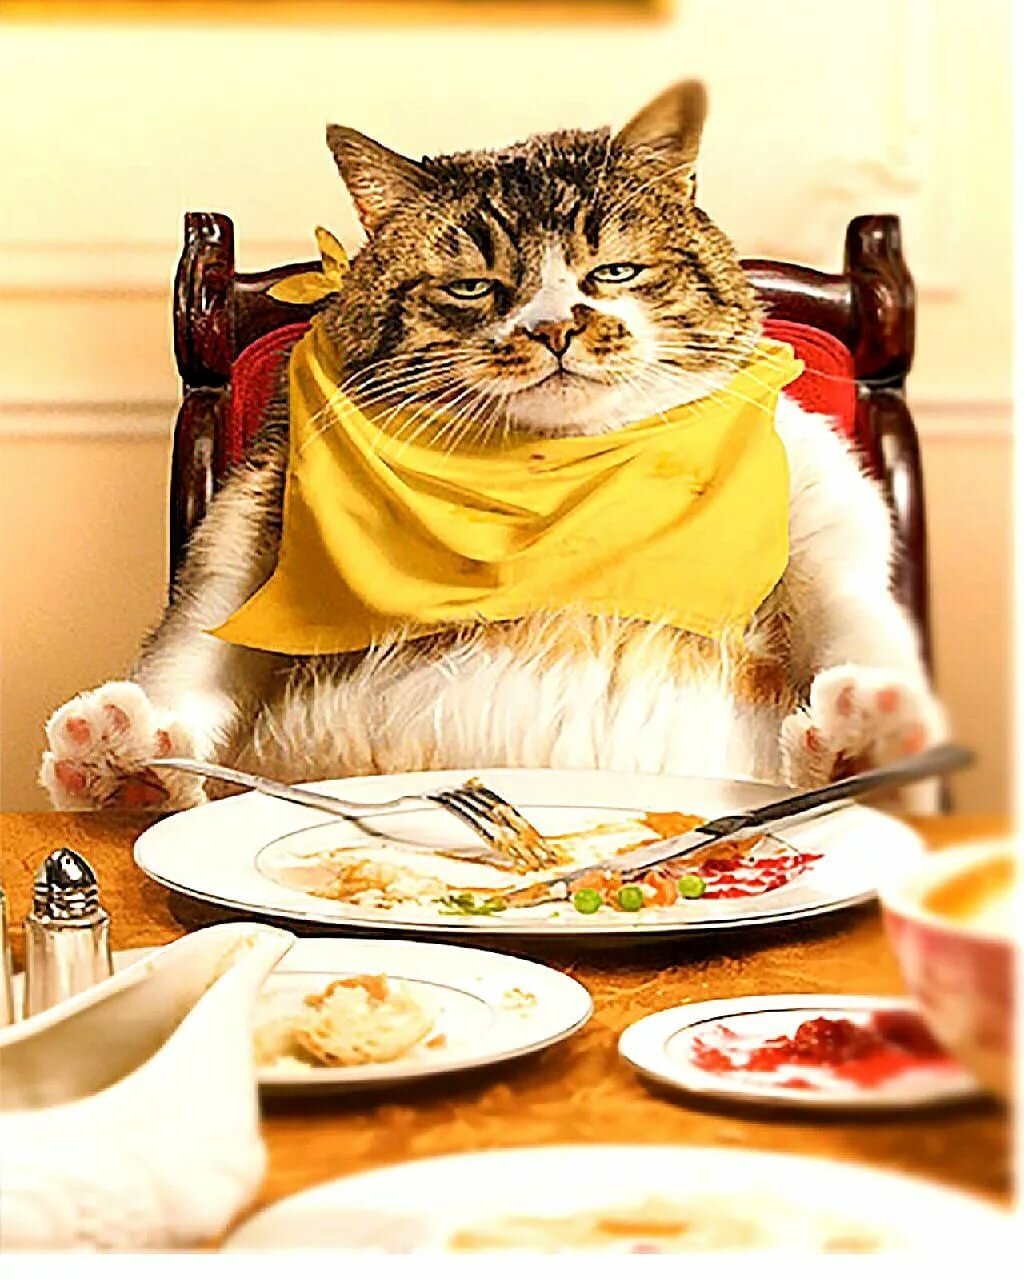 начальной картинка смешная животные идет на обед обменяем ваш сертификат